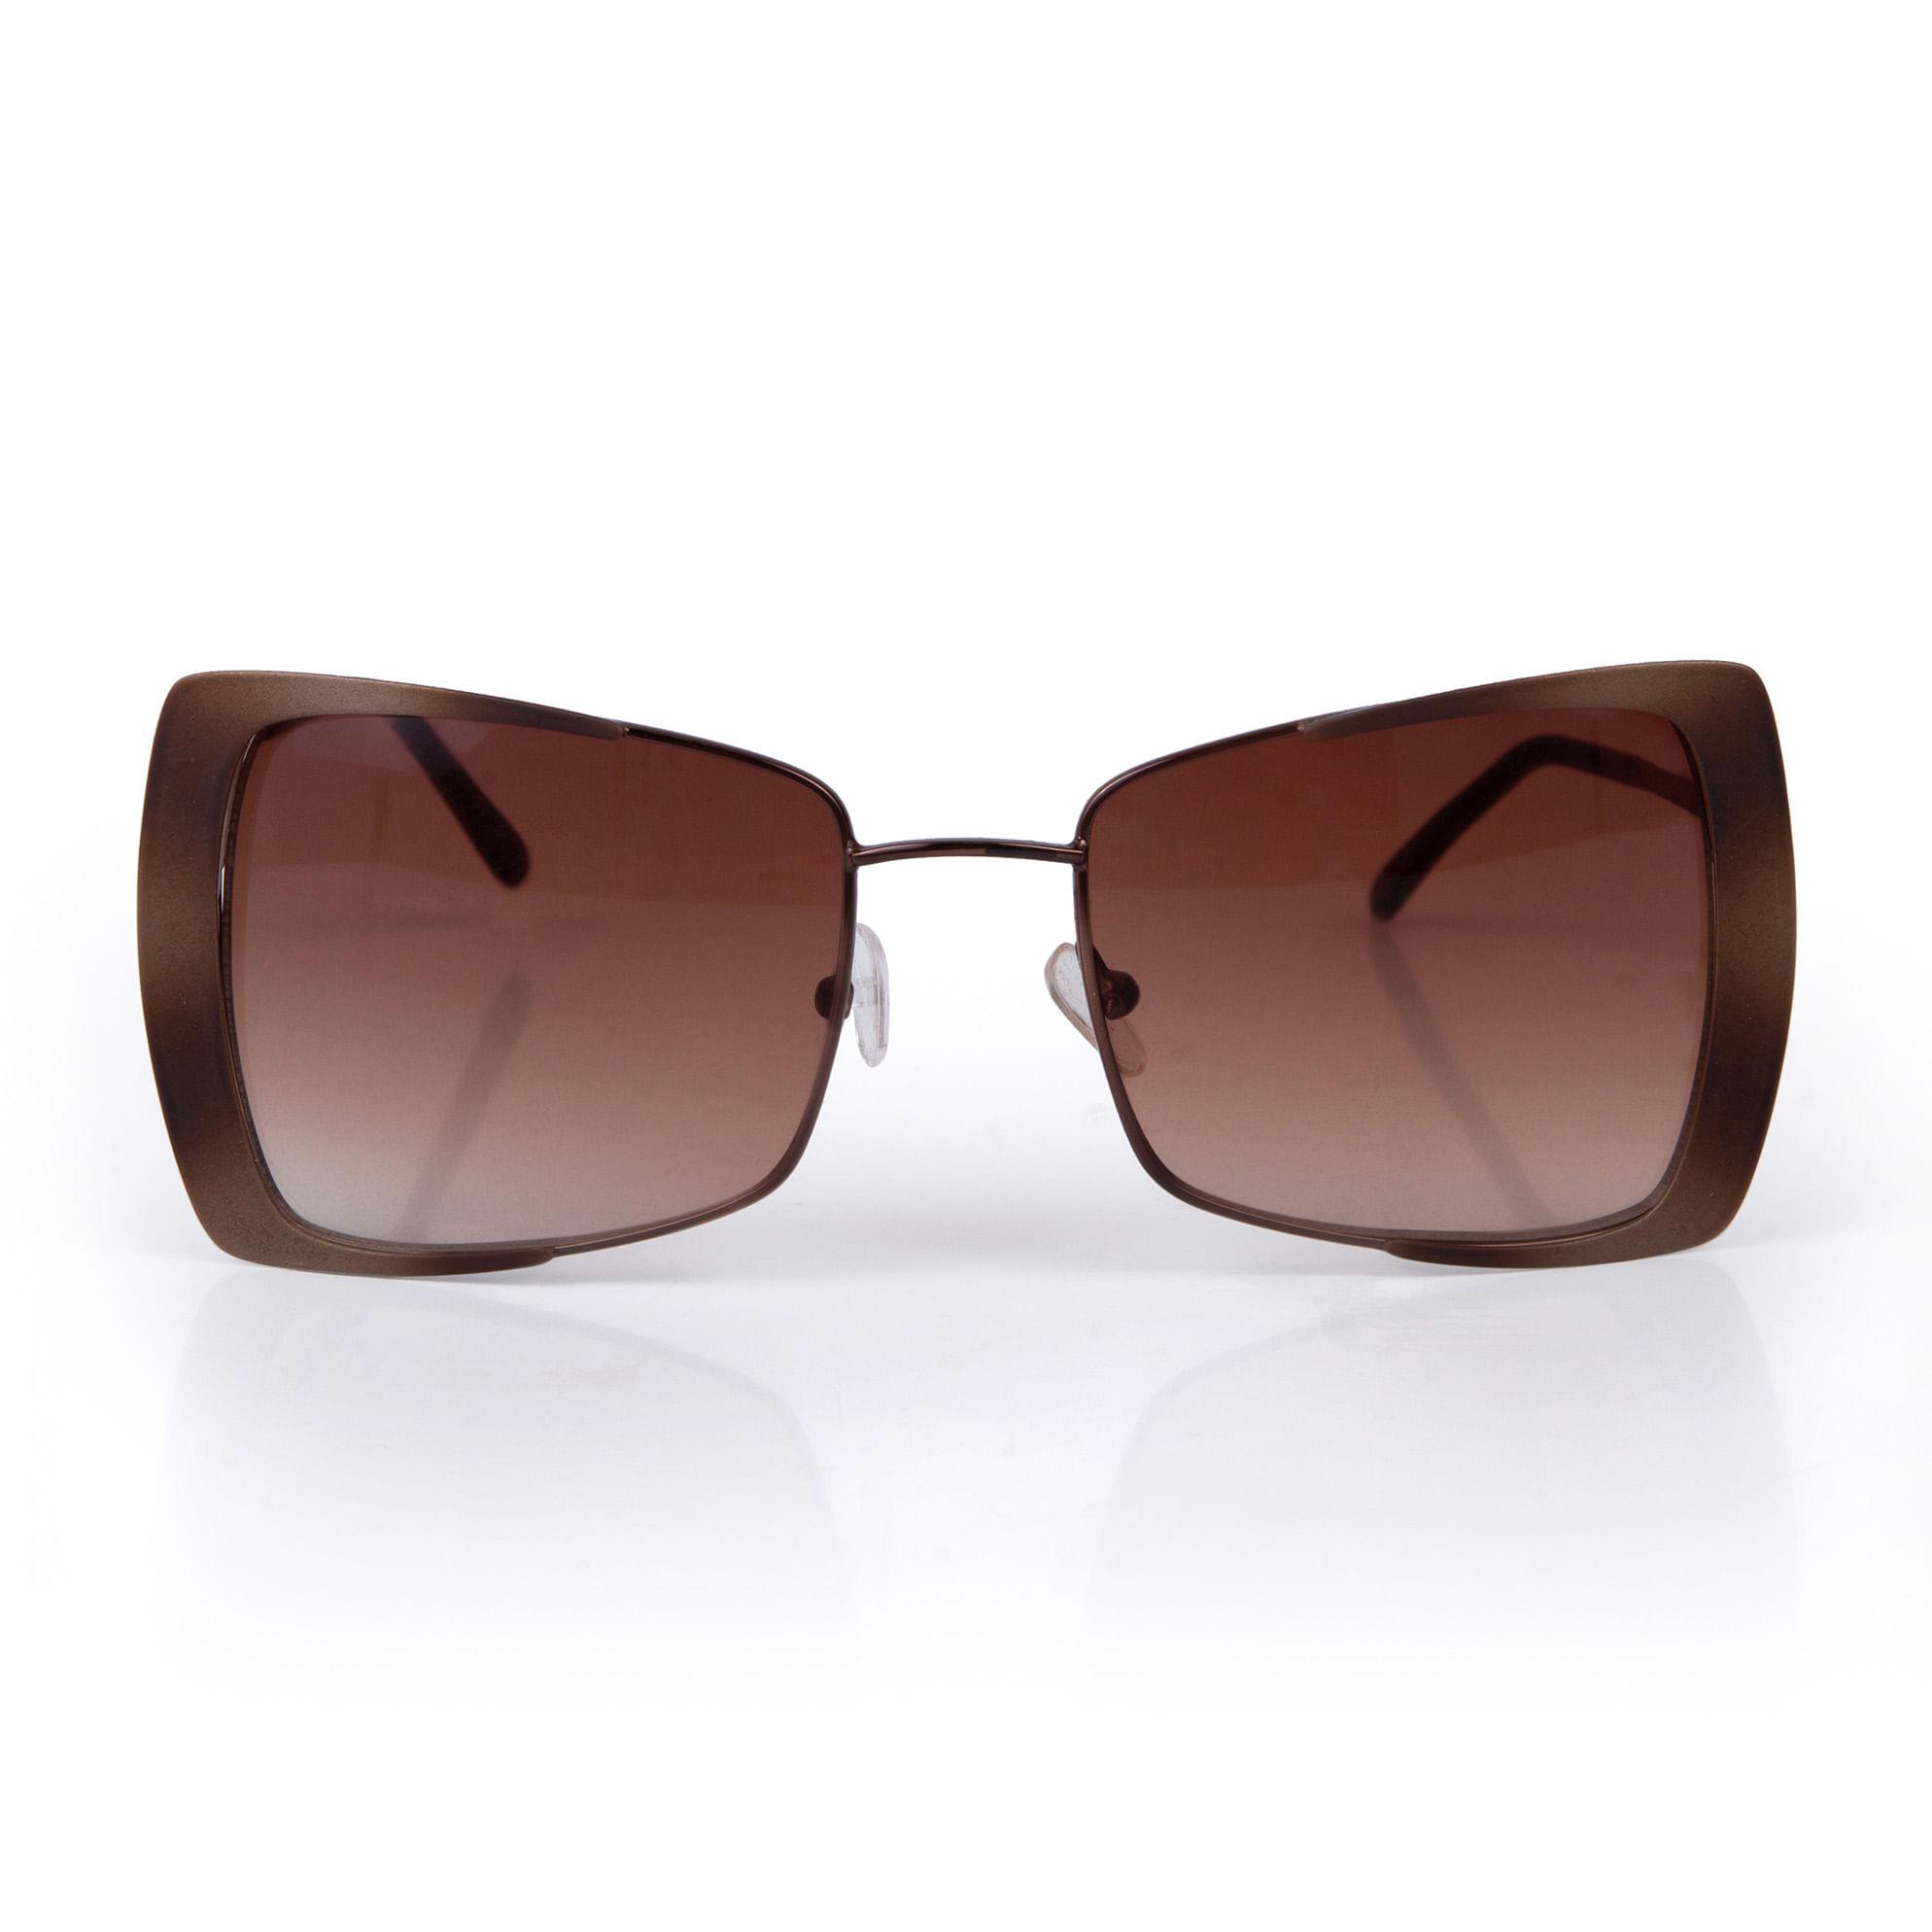 81930d8110f76 Oculos Butterfly Lente Degrade Marrom - morenarosa